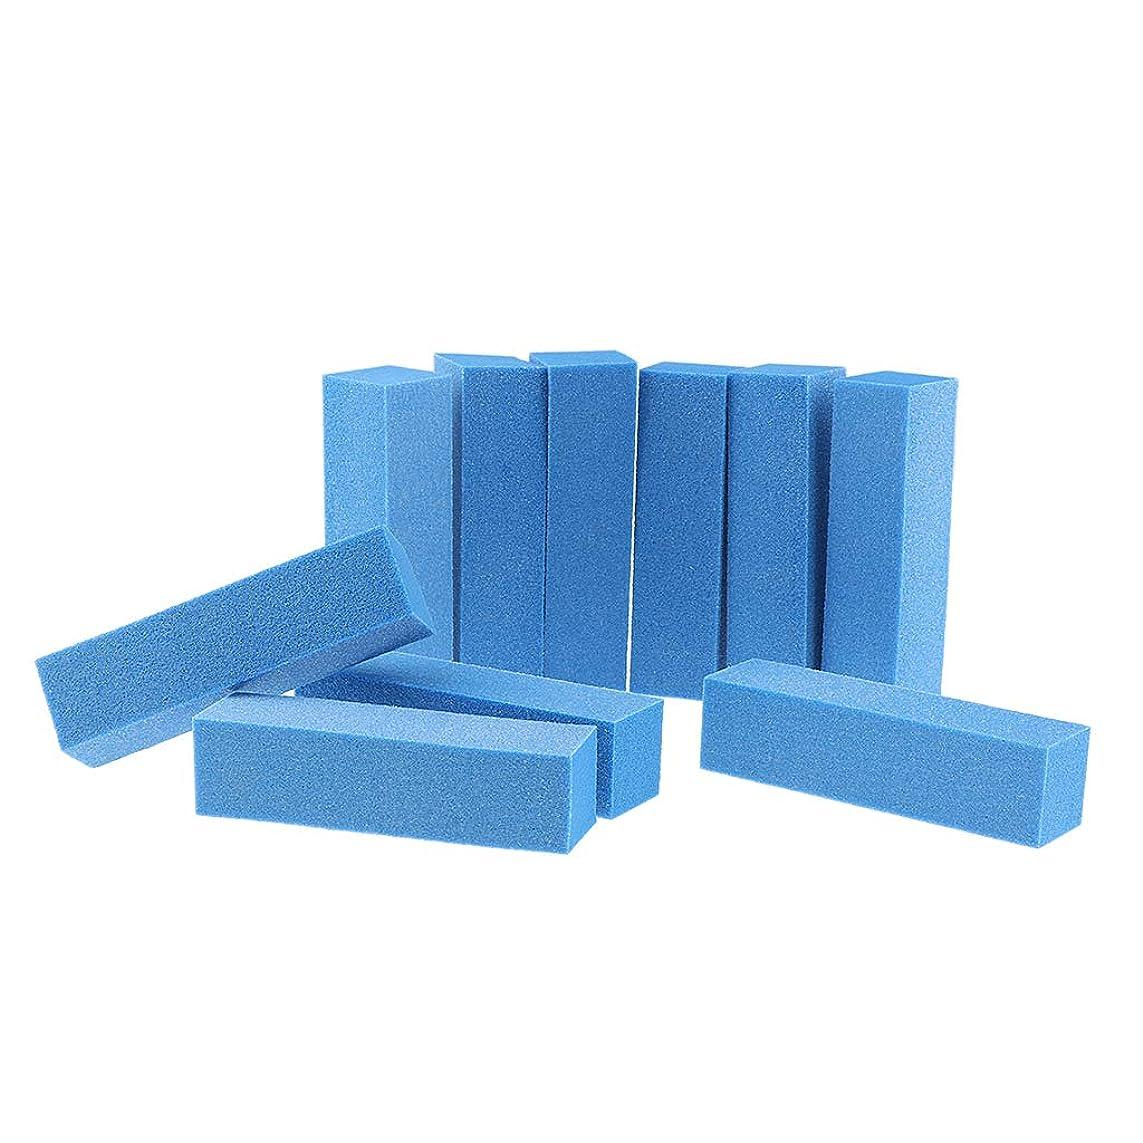 俳優真夜中パテ10PCSネイルアートケアバッファーバフ研磨サンディングブロックファイルグリットアクリルマニキュアツール-プロフェッショナルサロン使用または家庭用 - 青